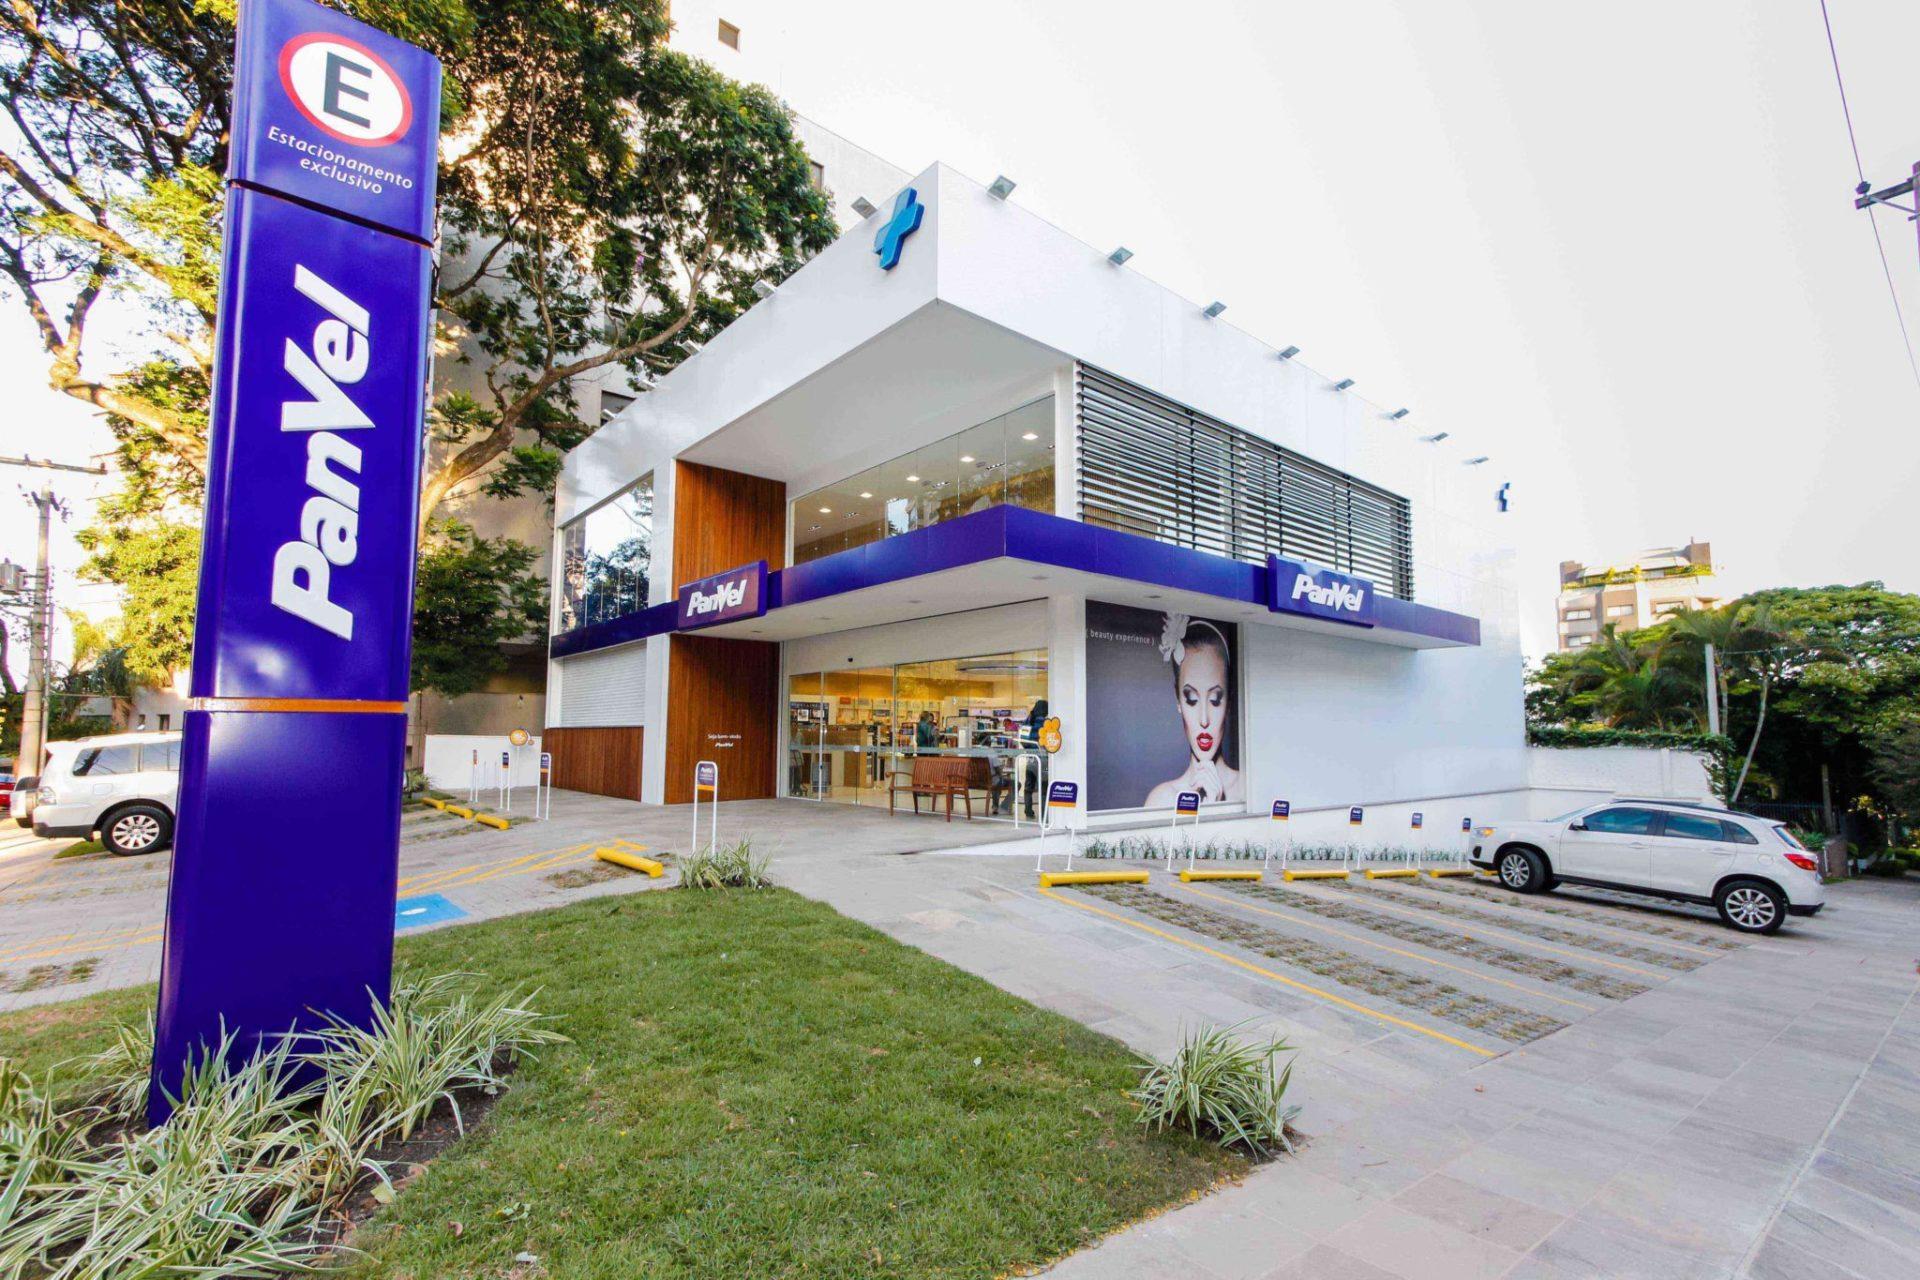 Loja da rede de farmácias Panvel. Foto: Panvel/Divulgação (Arquivo)